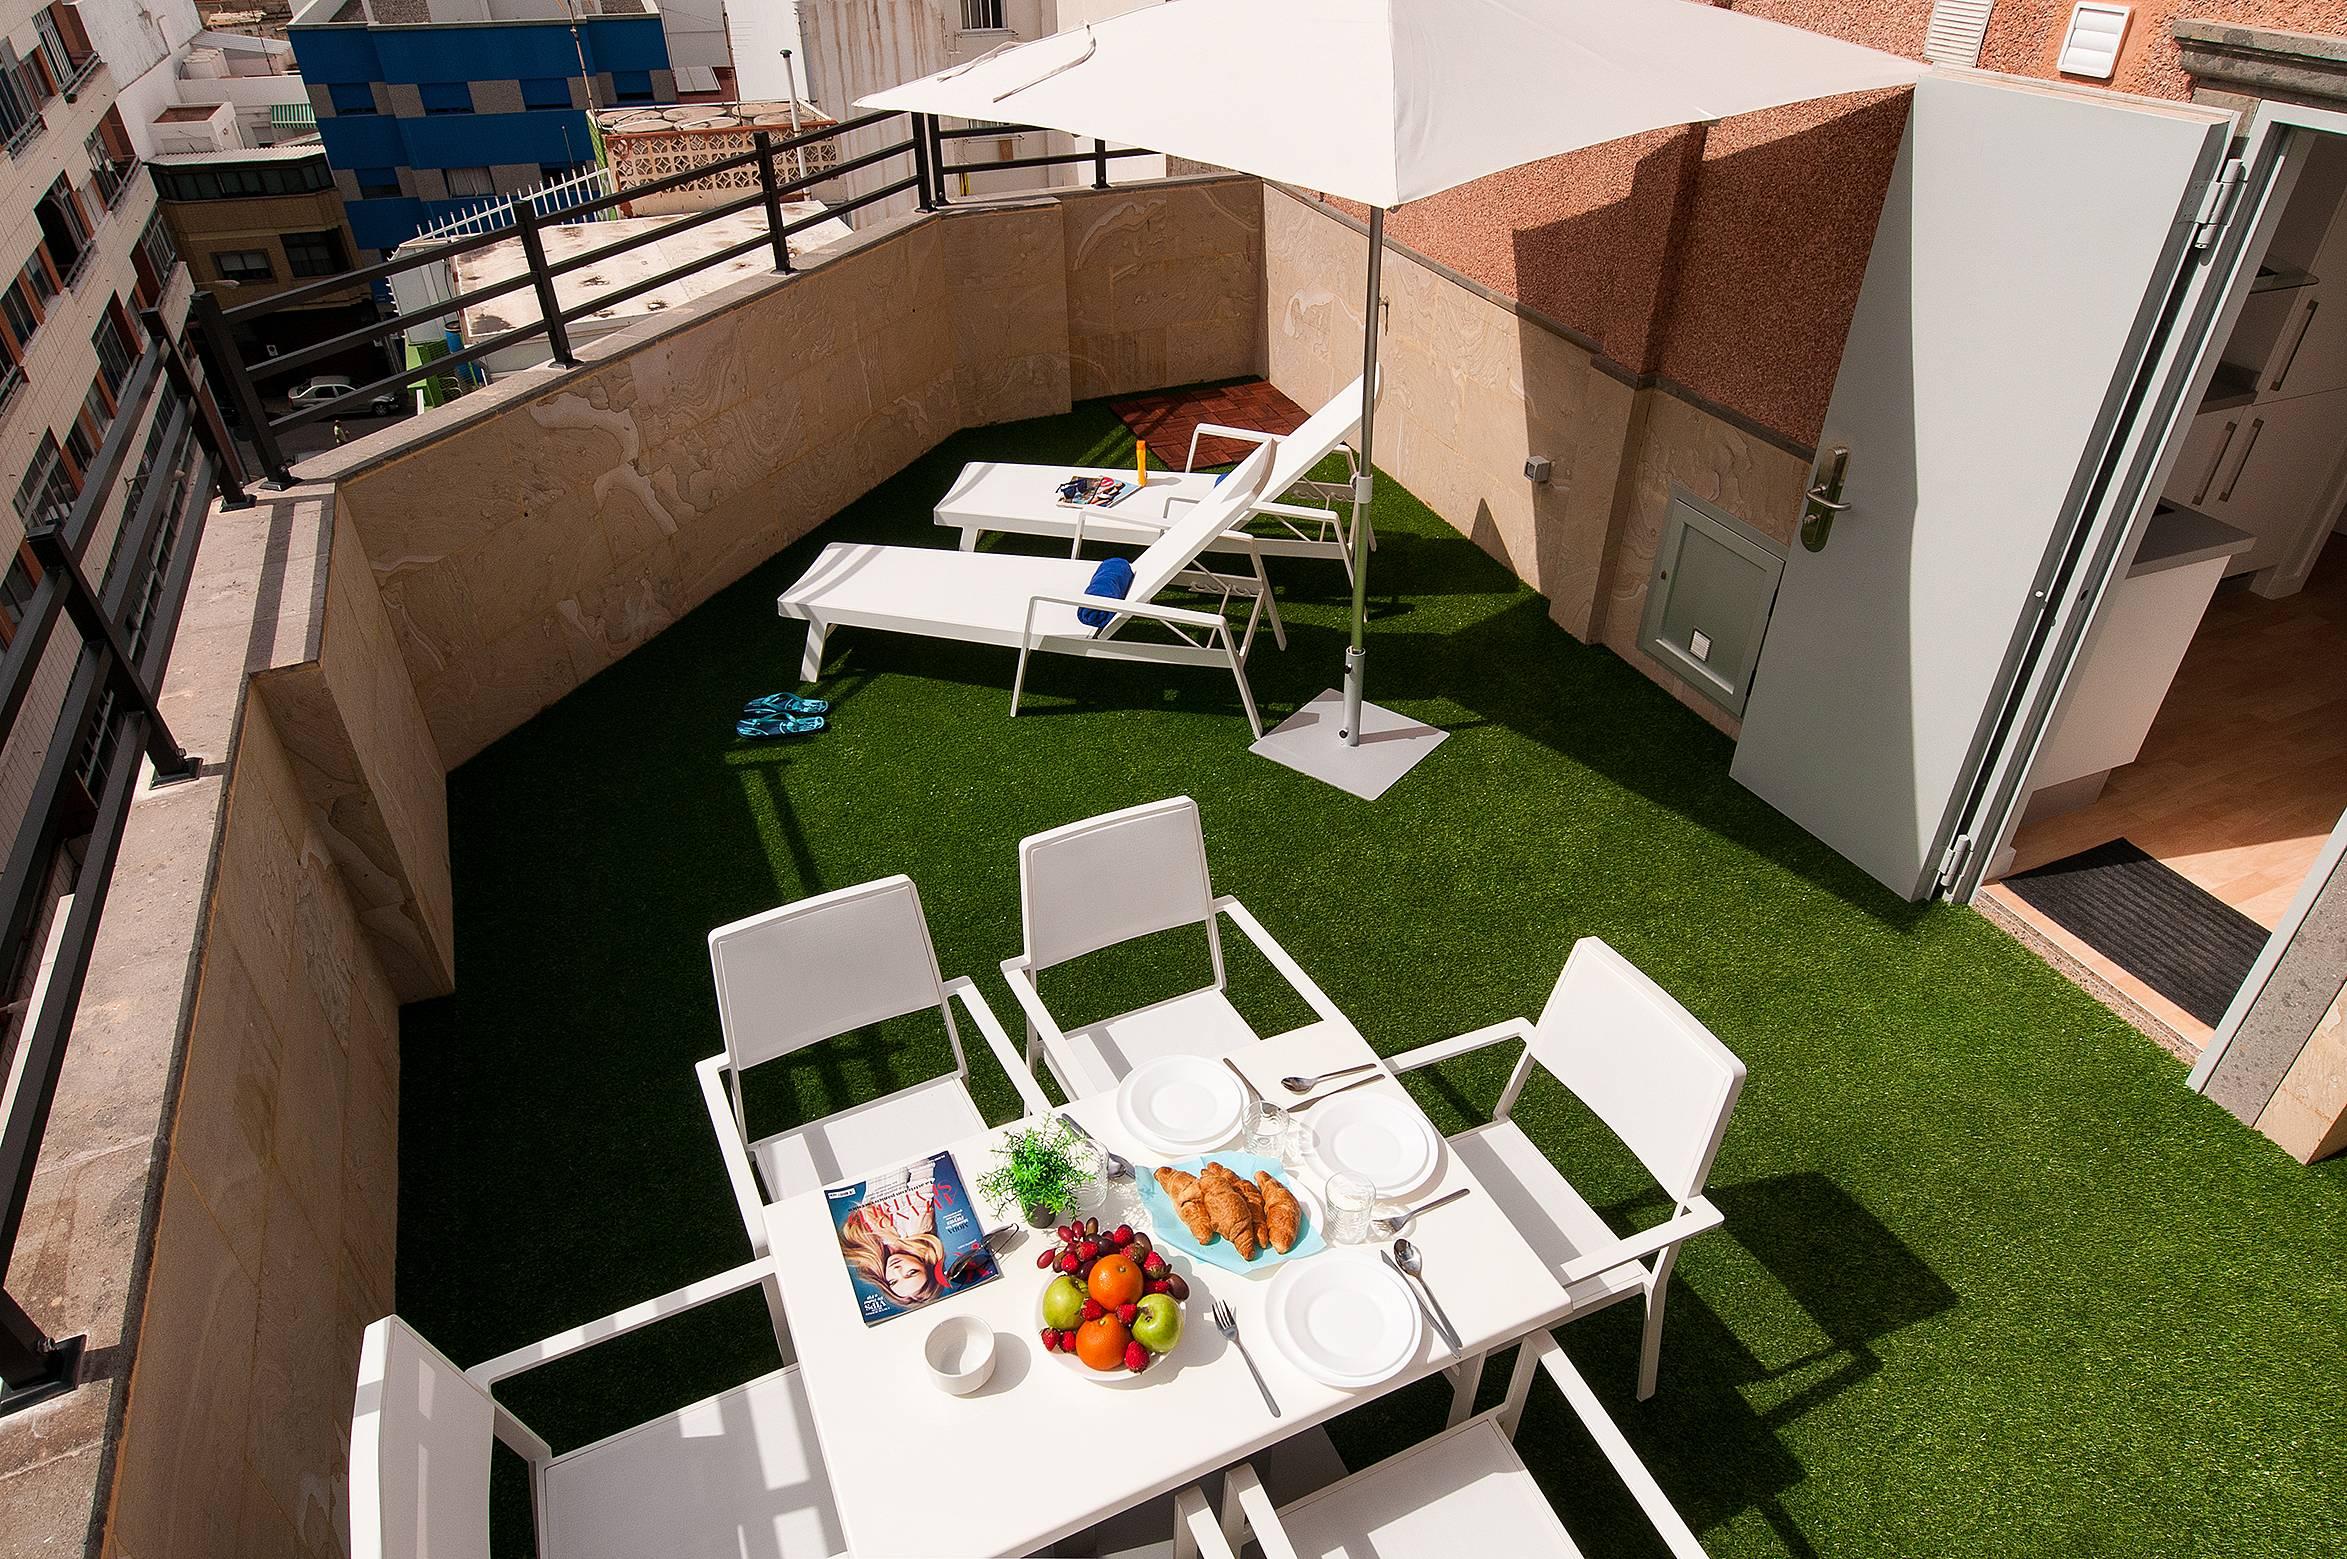 19 apartamentos 100 m longe de praia de las canteras las palmas de gran canaria gr can ria - Apartamentos baratos en las canteras ...